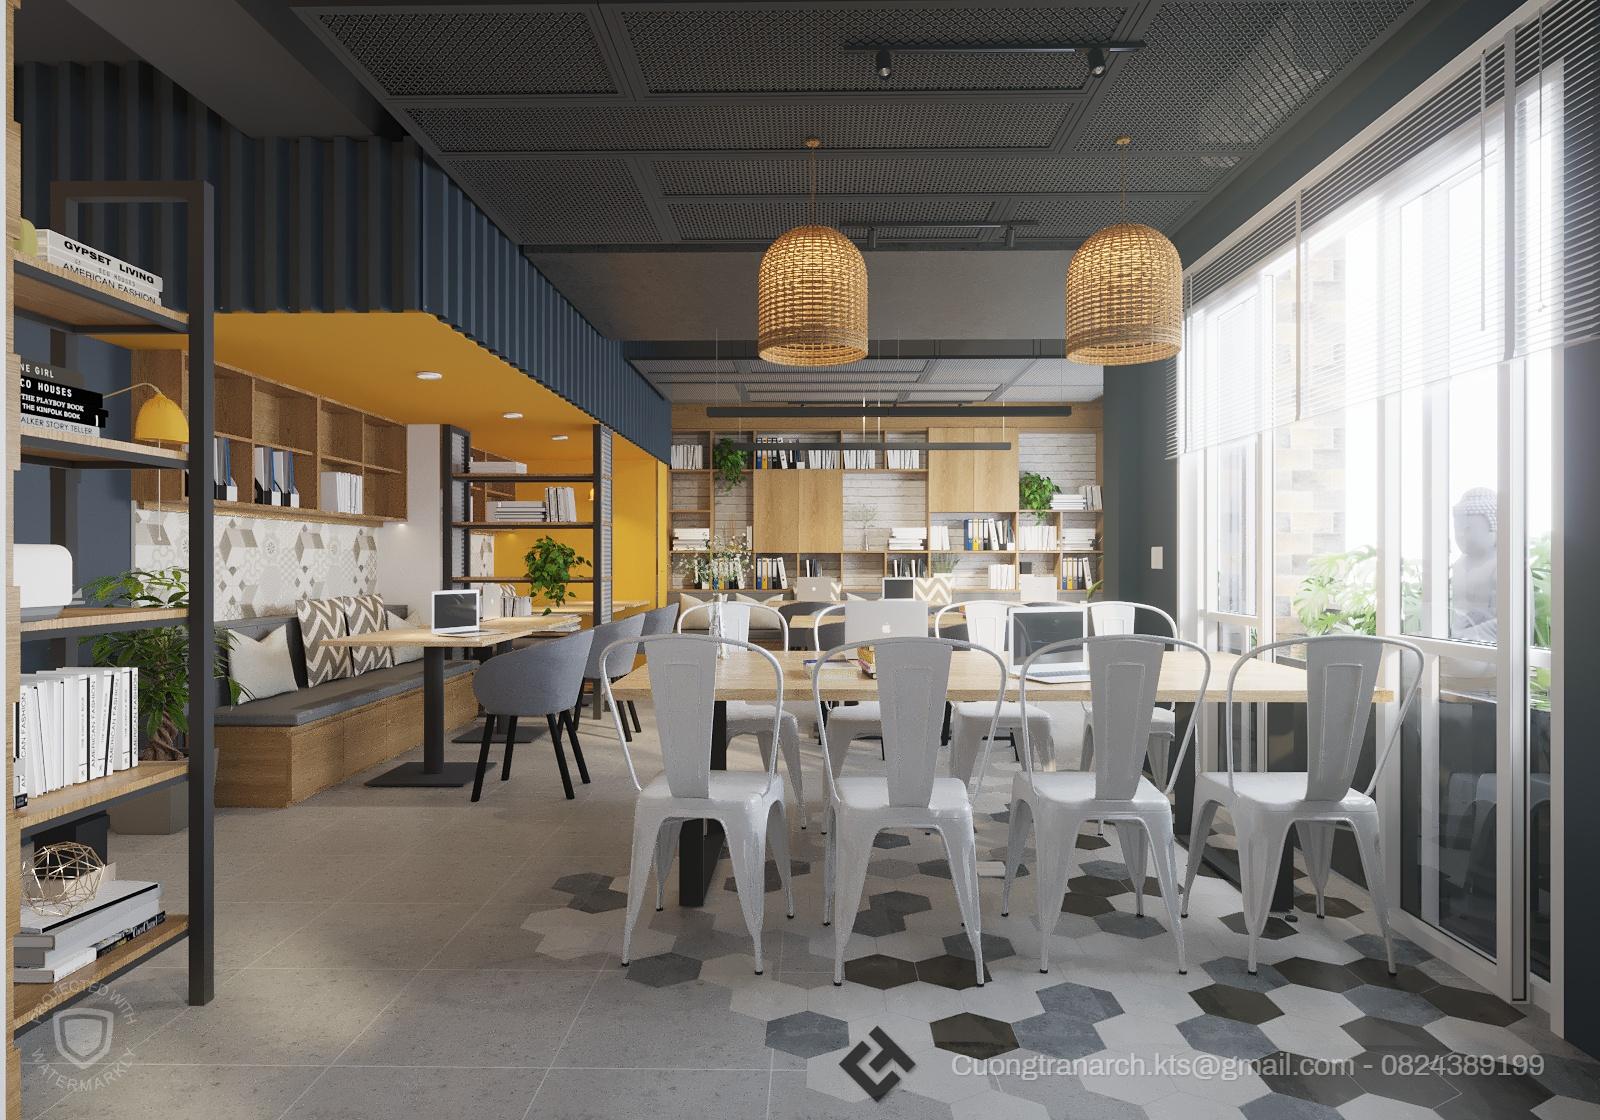 thiết kế nội thất Văn Phòng tại Hồ Chí Minh VĂN PHÒNG LÀM VIỆC CÔNG TY VIET TRAVEL - VIET TRAVEL OFFICE 4 1562142888